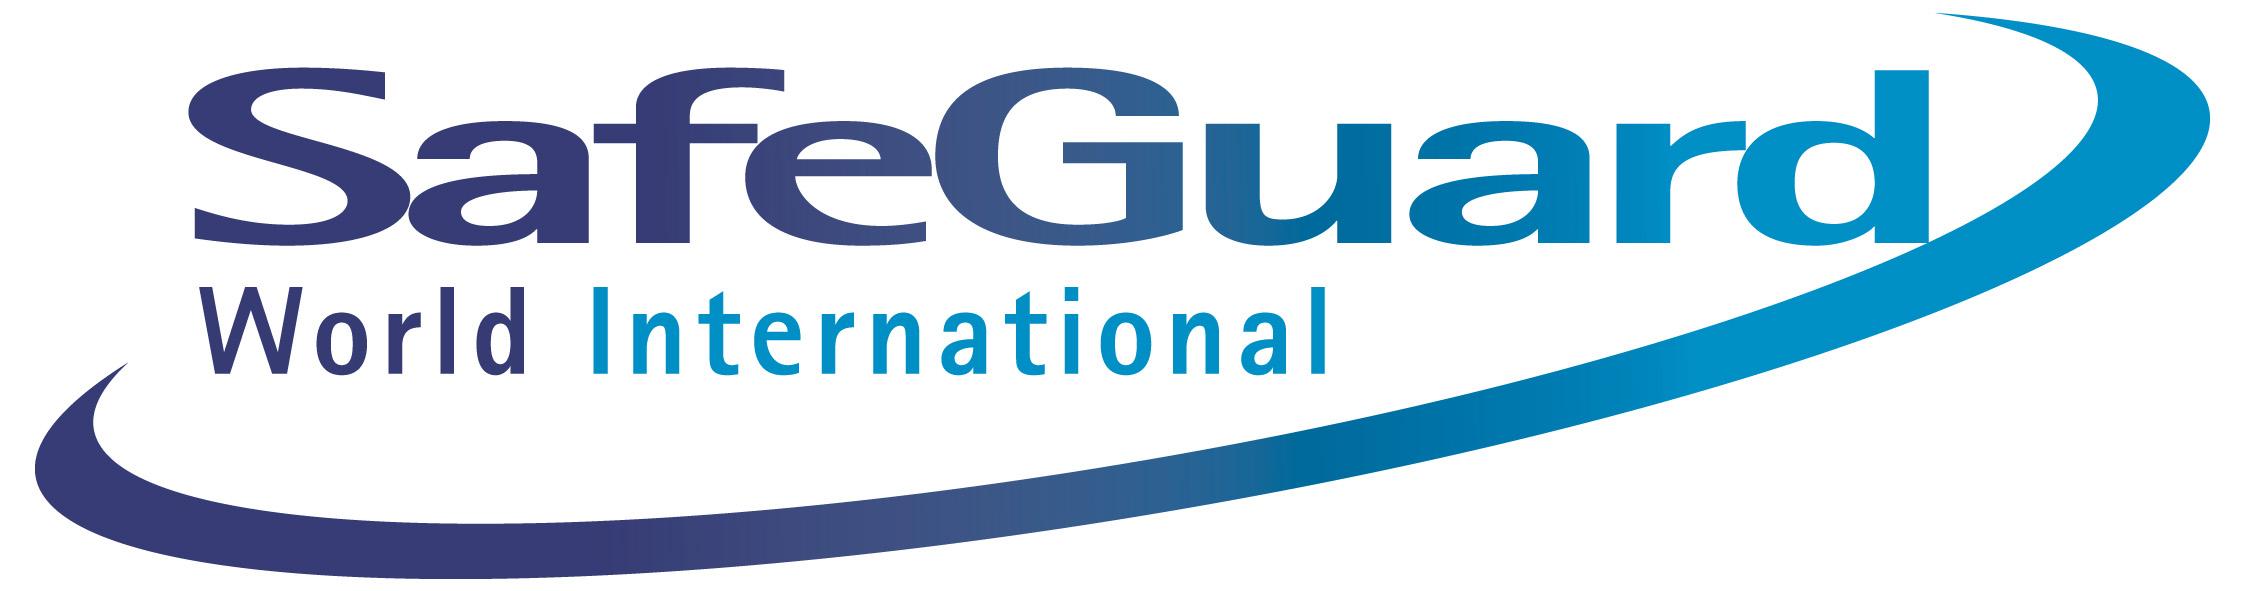 Safeguard World International